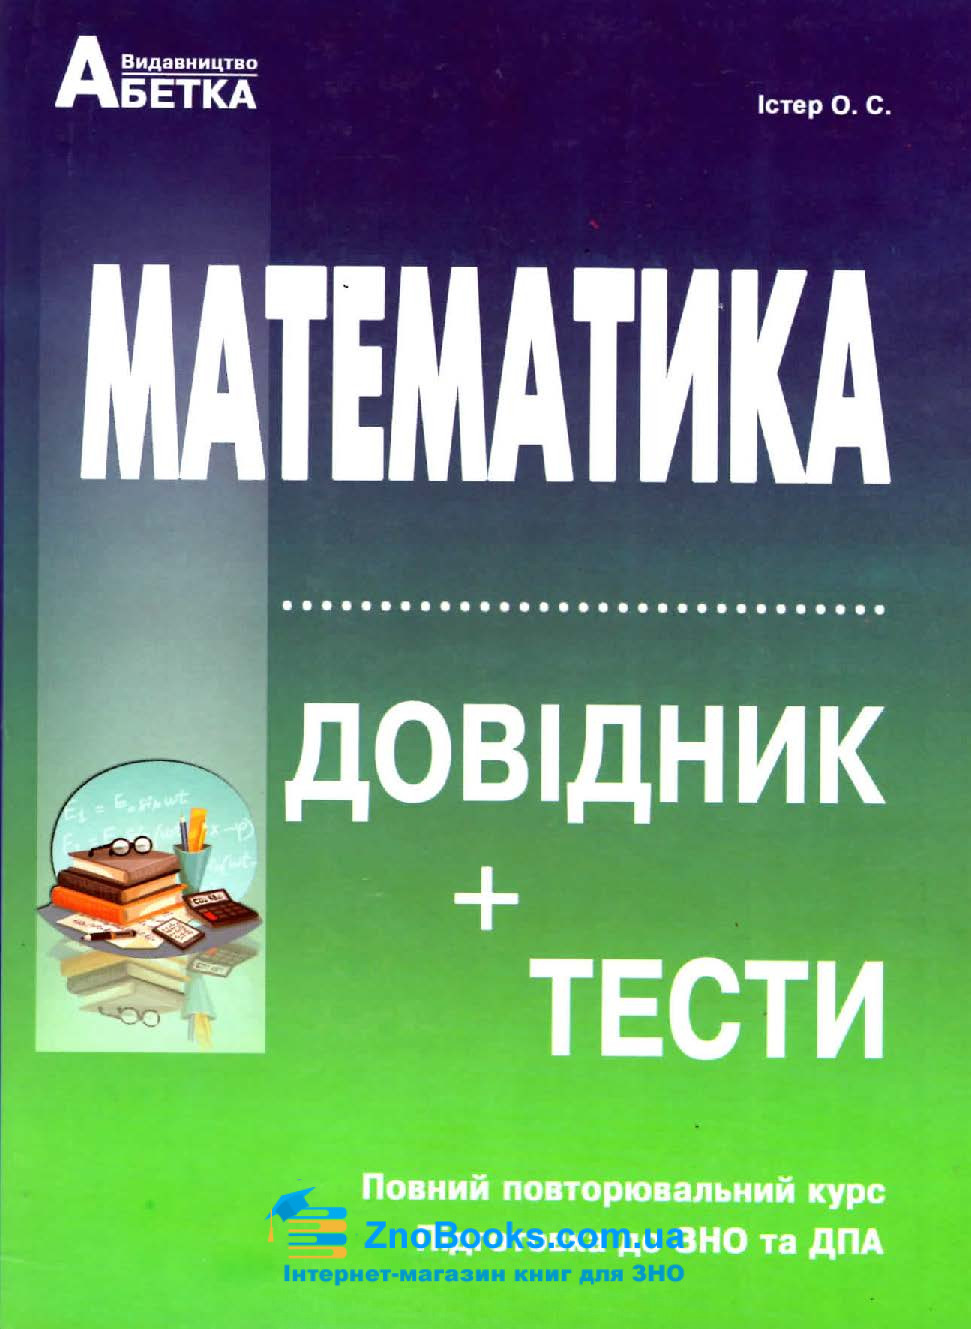 Математика : Довідник + тести та 20 варіантів тестів у форматі ЗНО 2022 : Істер О. Абетка. купити 0